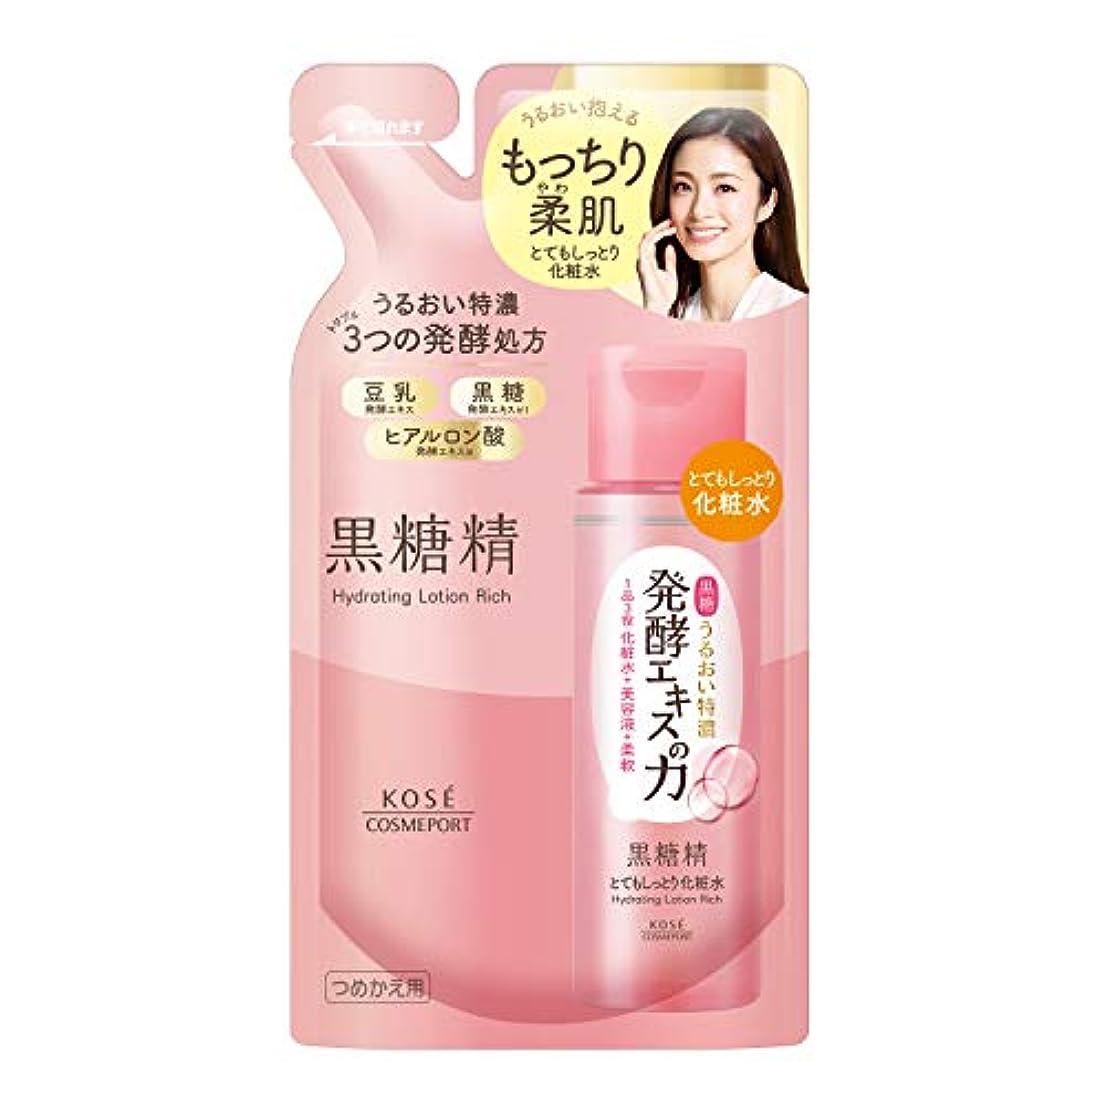 対立センサー超越するKOSE 黒糖精 とてもしっとり化粧水 つめかえ 160mL